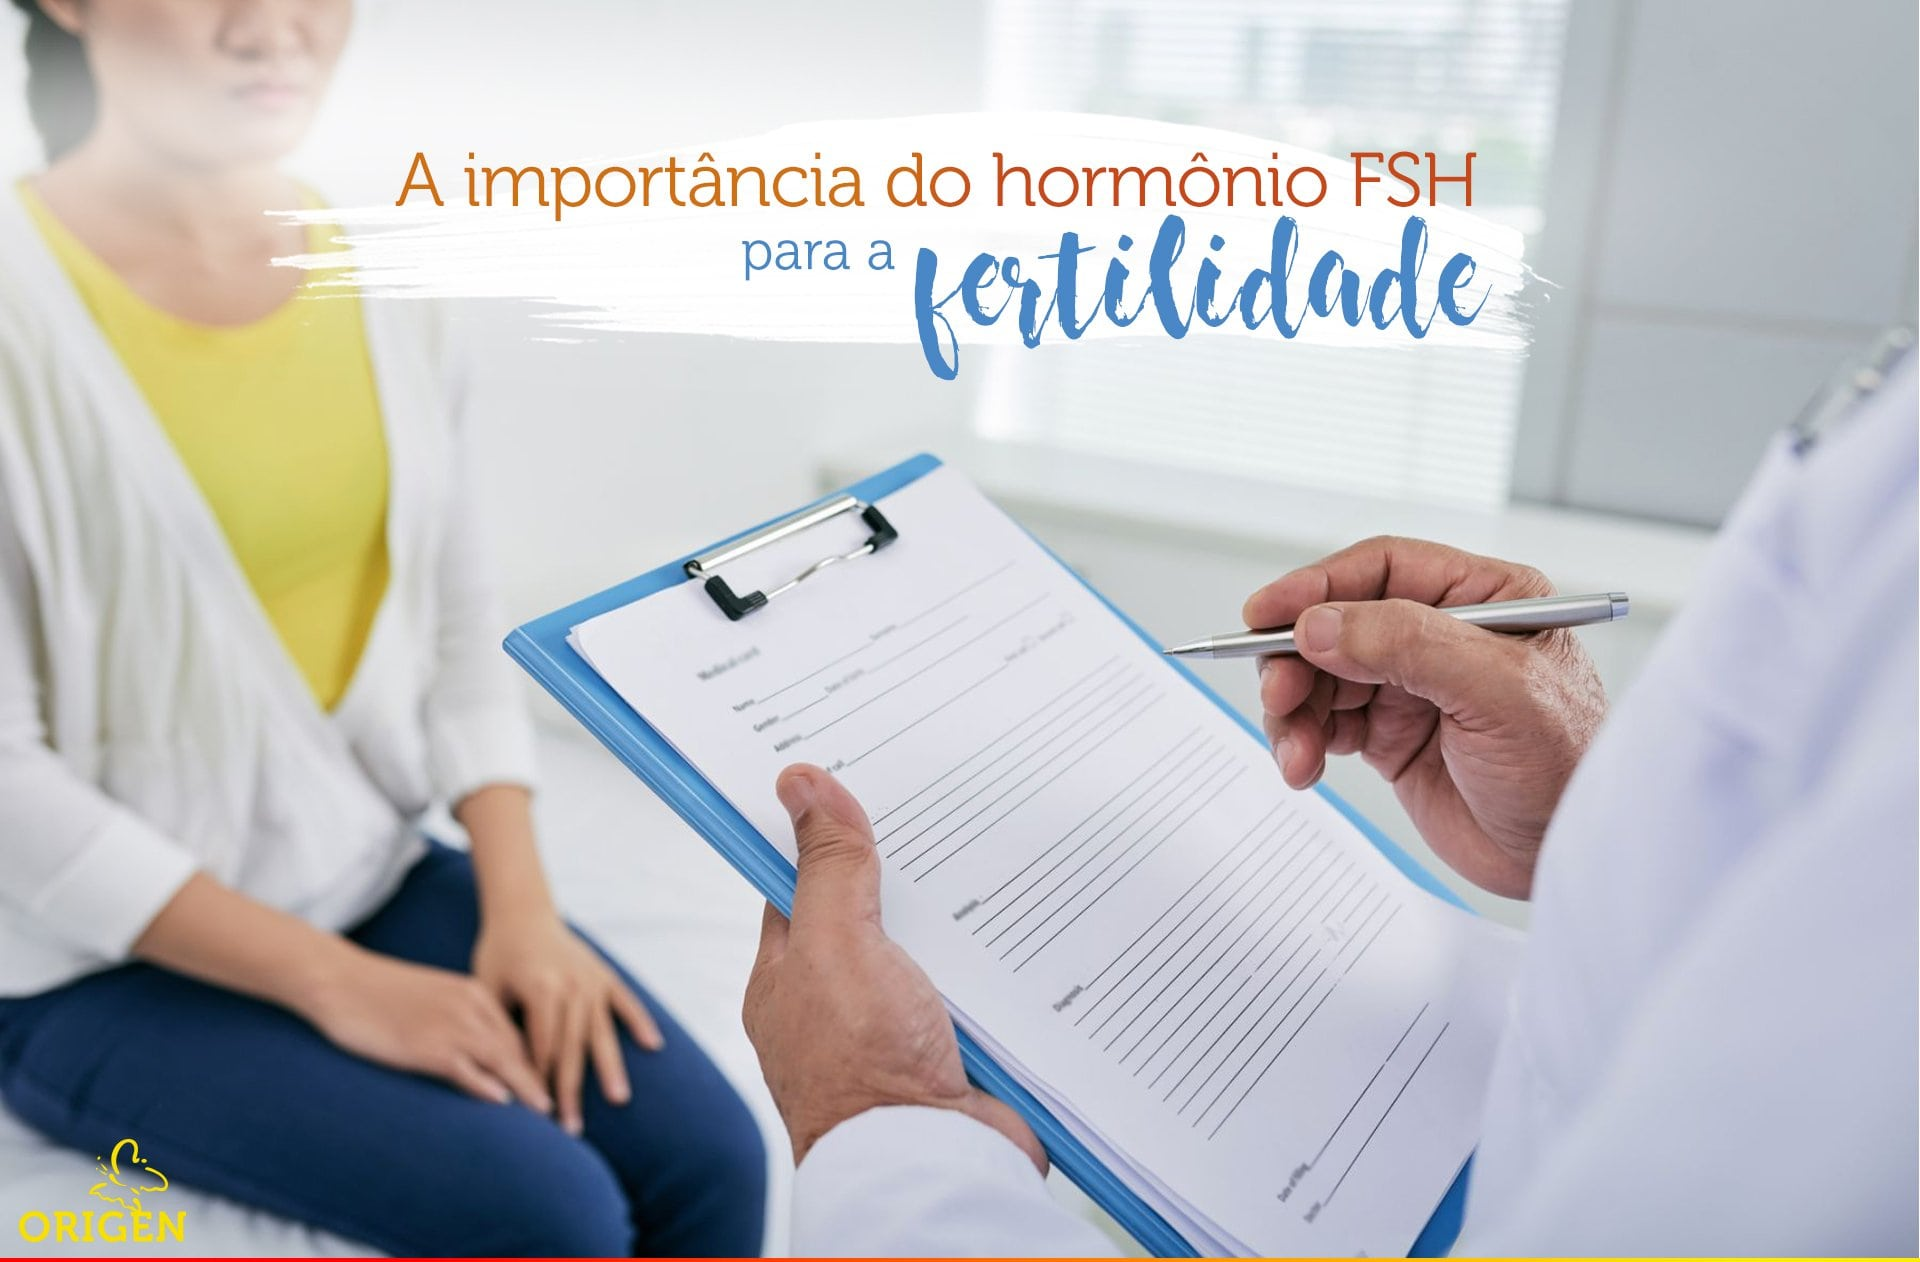 Conheça a importância do hormônio FSH para a fertilidade